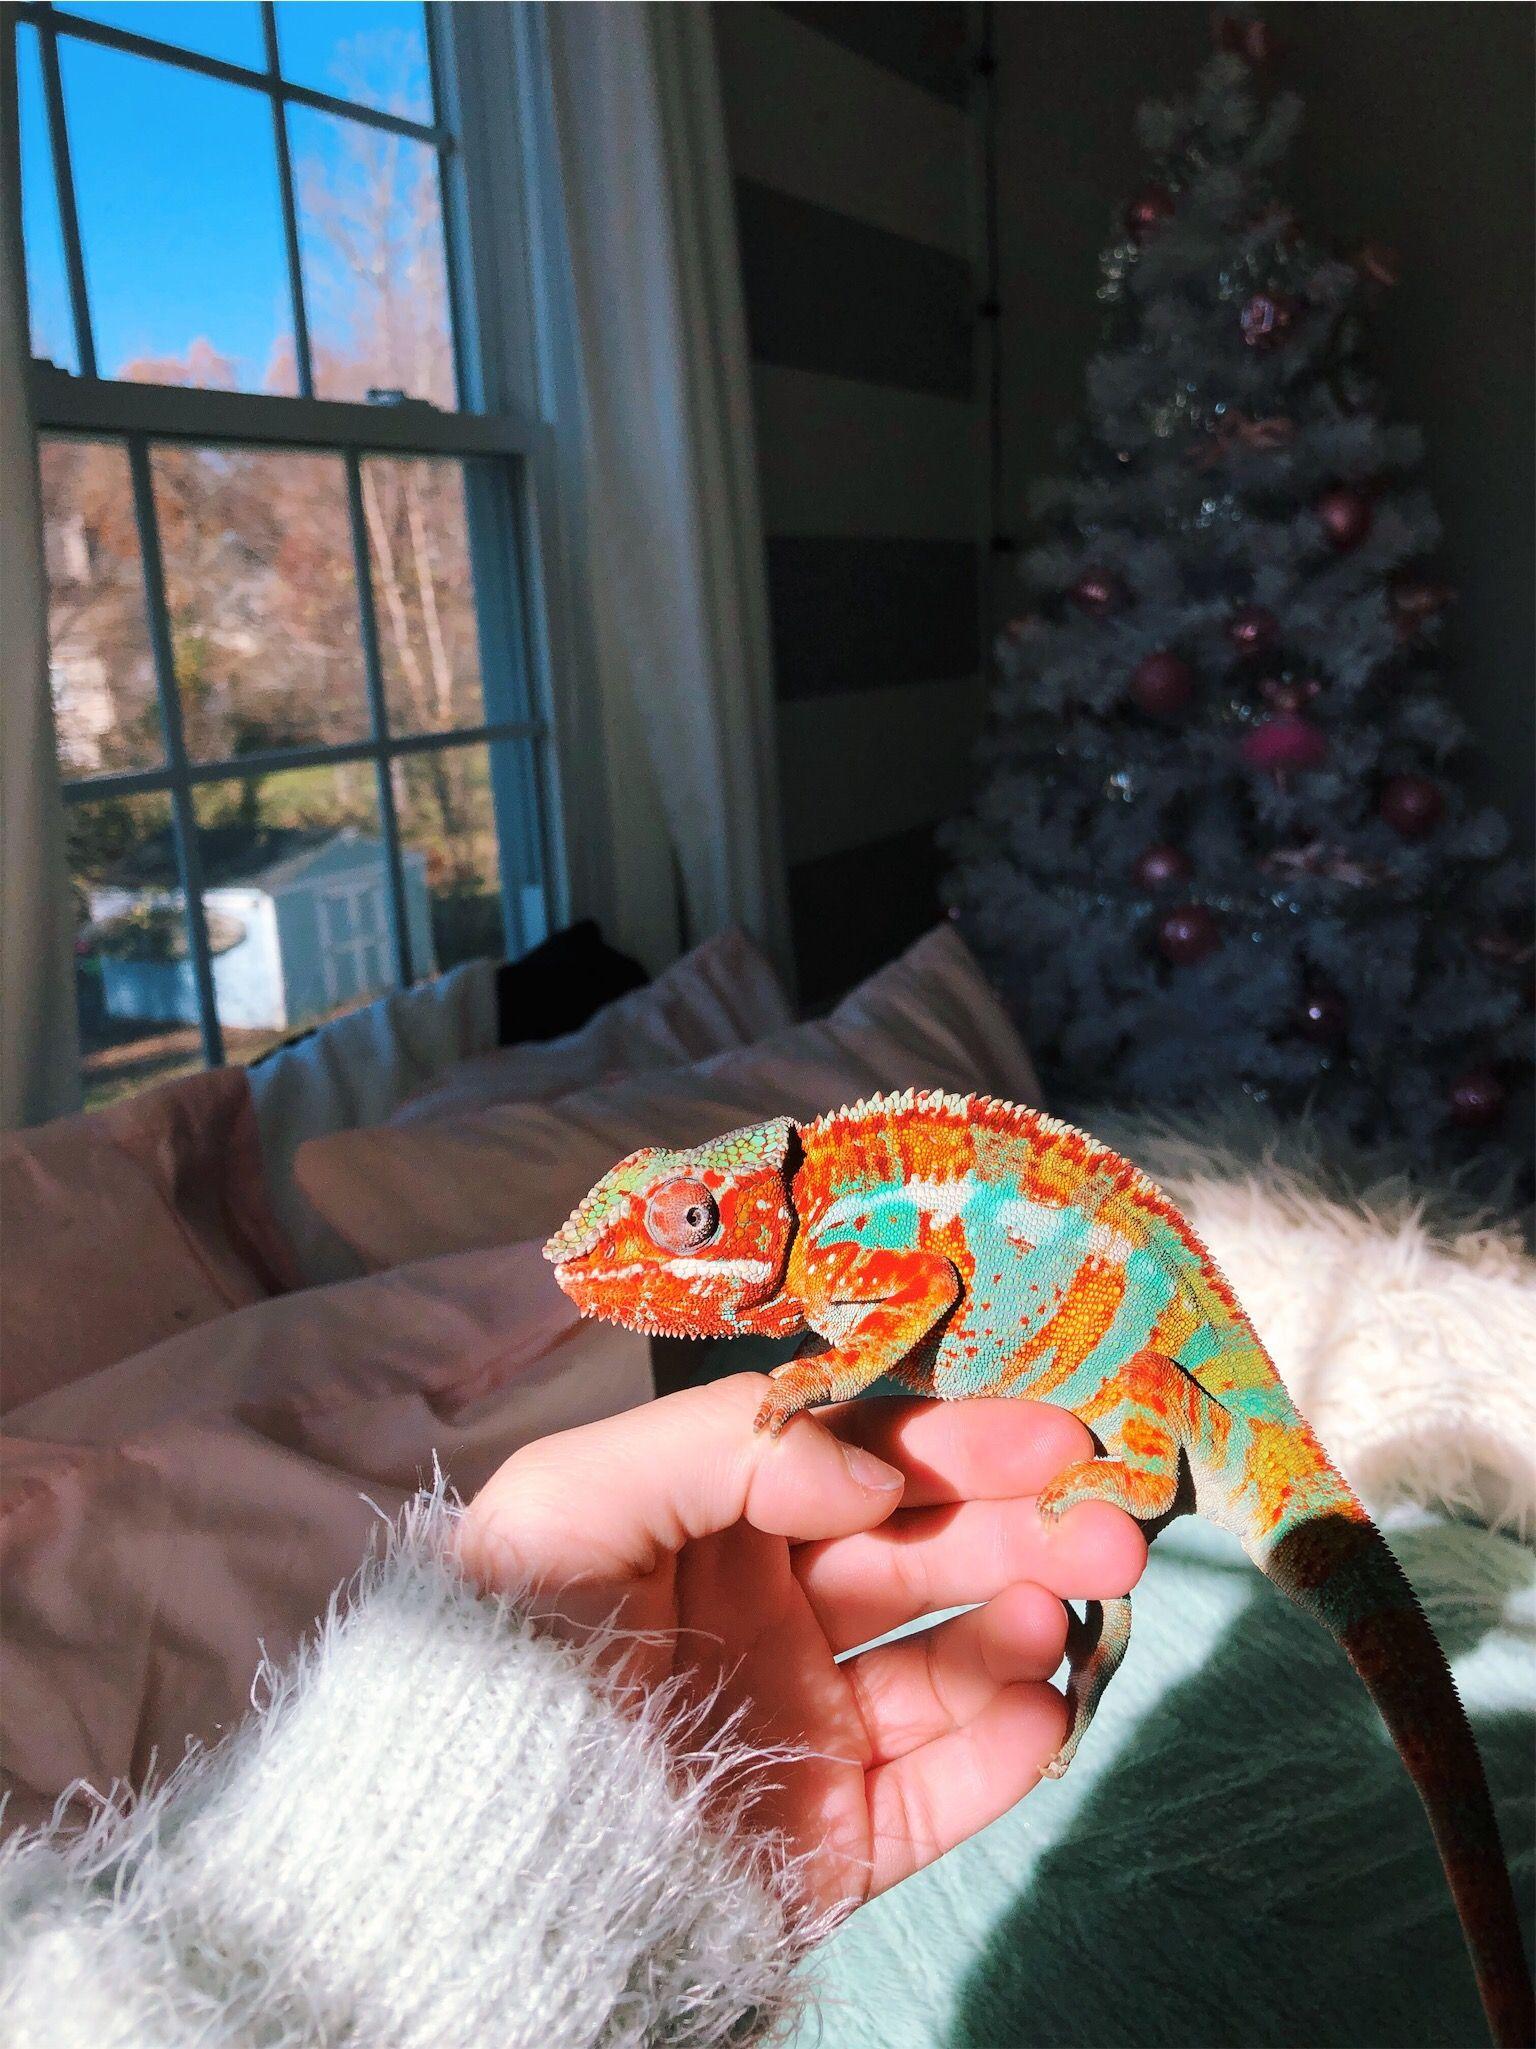 Vsco Summertimerelatablemoods Girlzlife Relatableteenvsco Sunnyyvibes Freshvibezz Relatableteen Sweetlifeee V Chameleon Pet Cute Lizard Cute Reptiles,Sun Conure For Sale